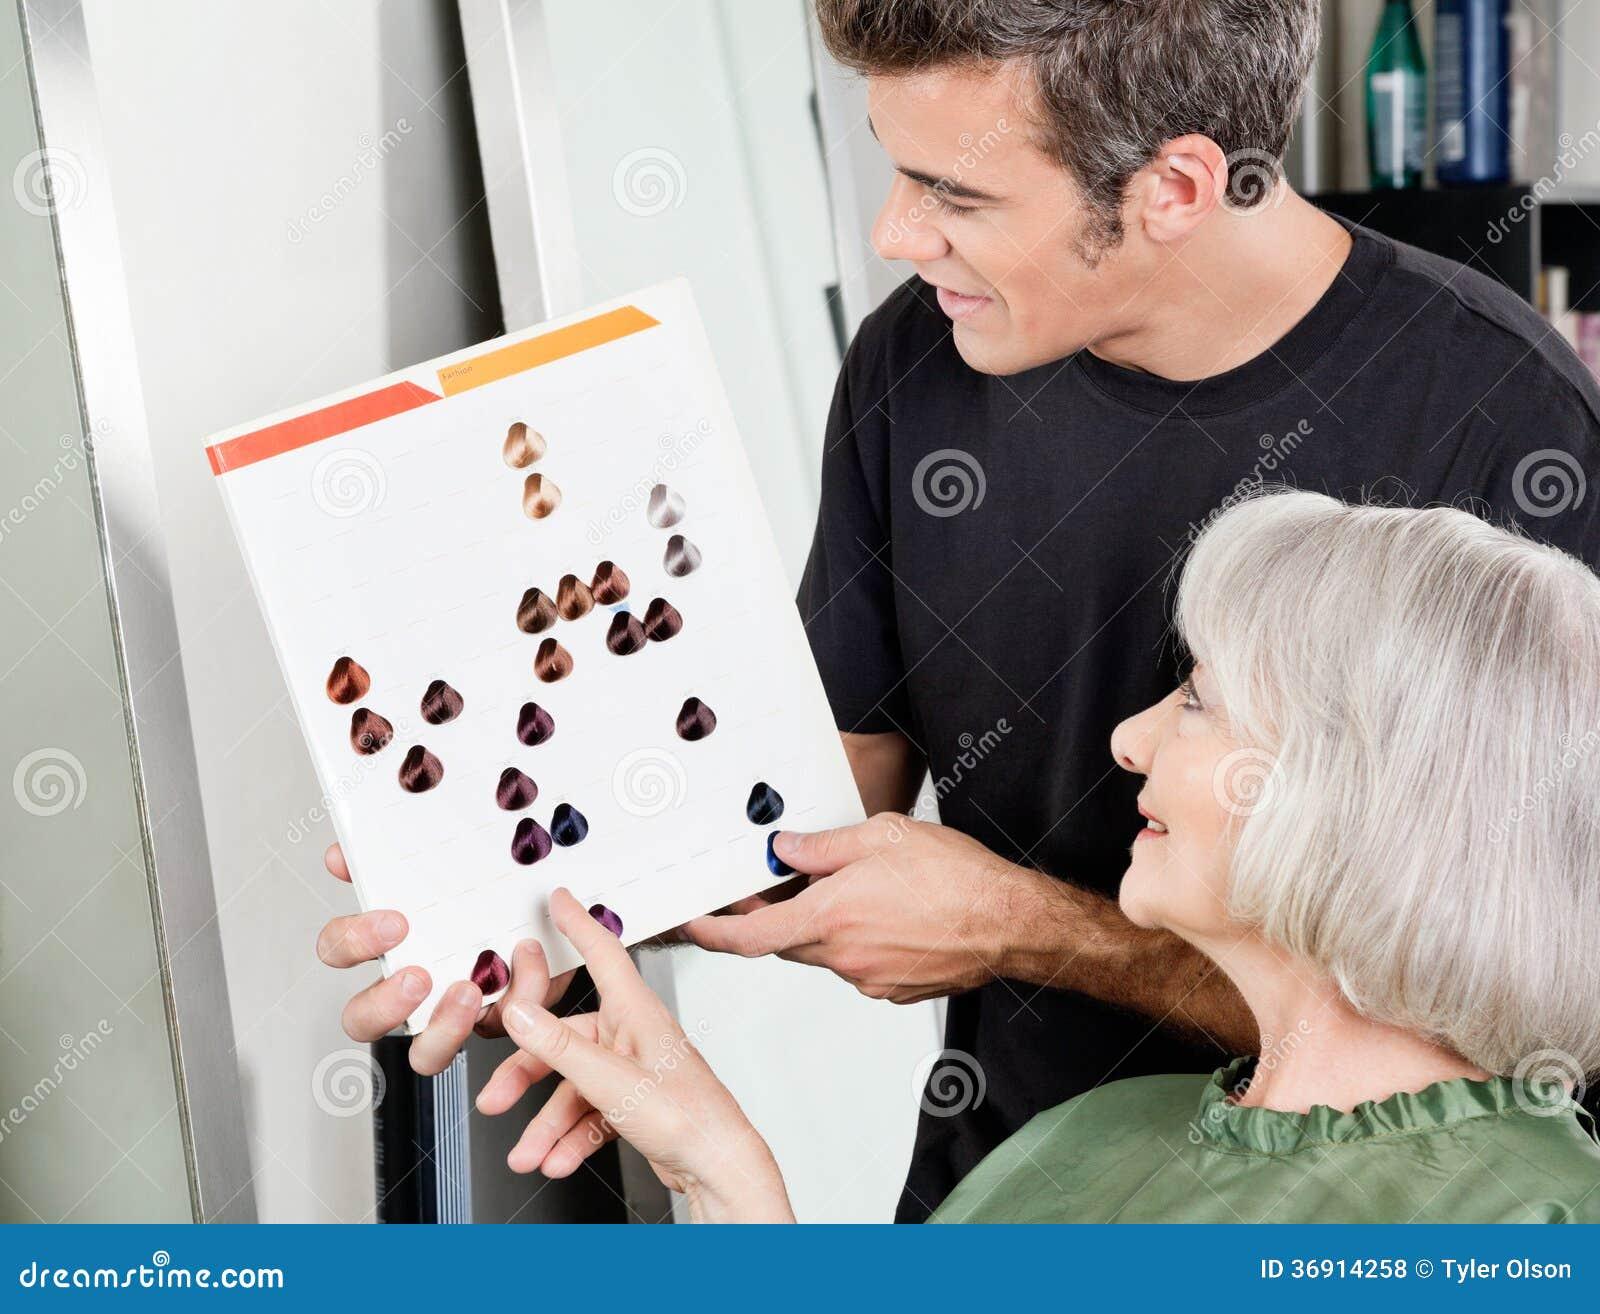 Woman with male hair stylist selecting hair color stock - Stylistics hair salon ...